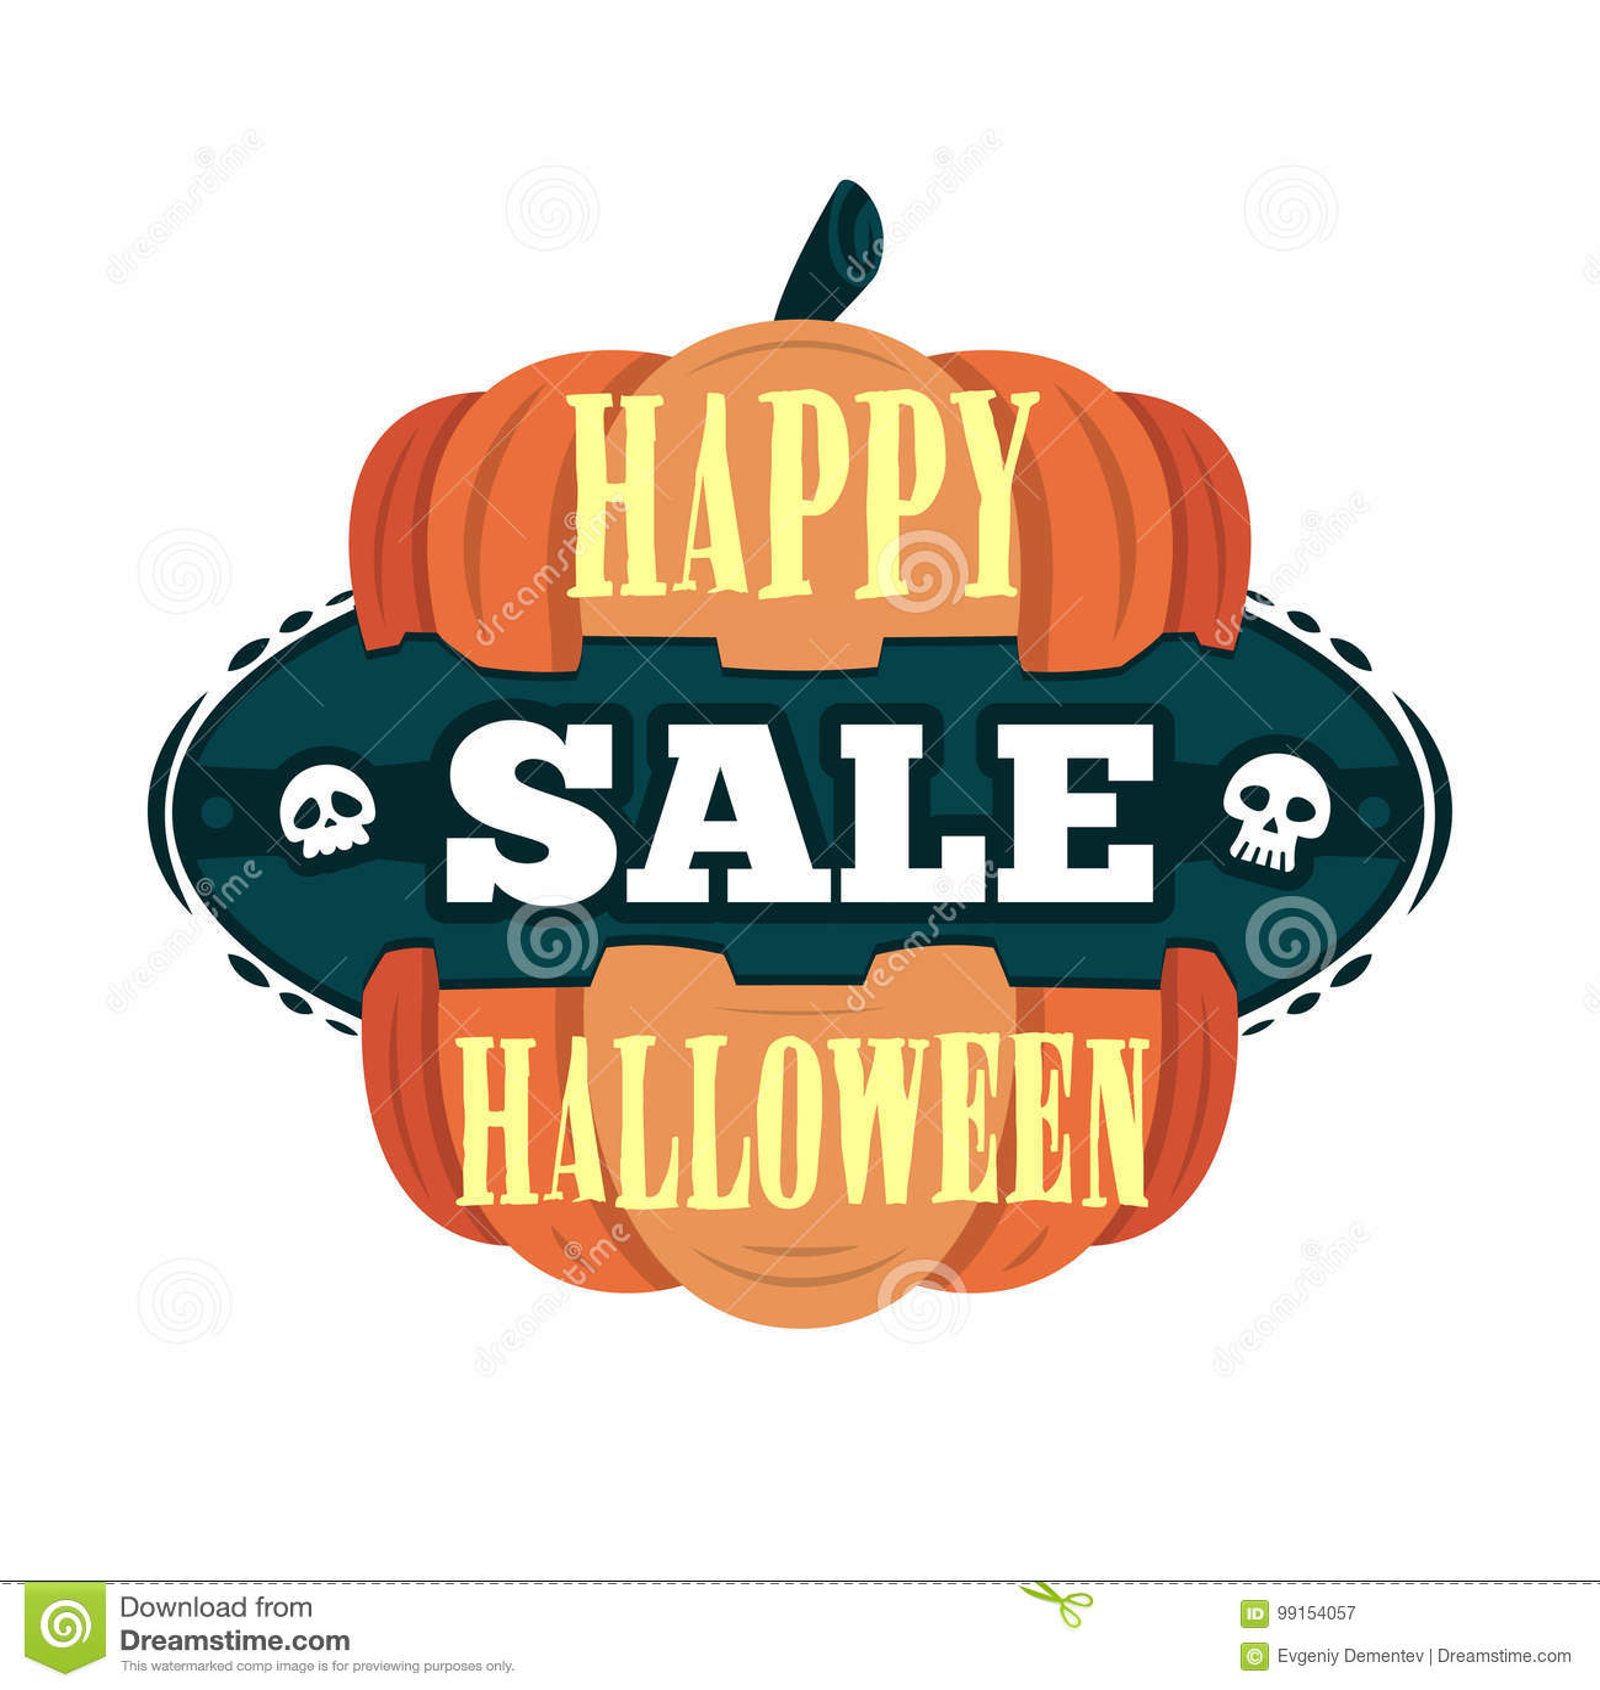 Szczęśliwy Halloweenowy sprzedaży oferty projekta szablon Wektorowa ilustracja z oddzieloną banią i tytułem button ręce s push od